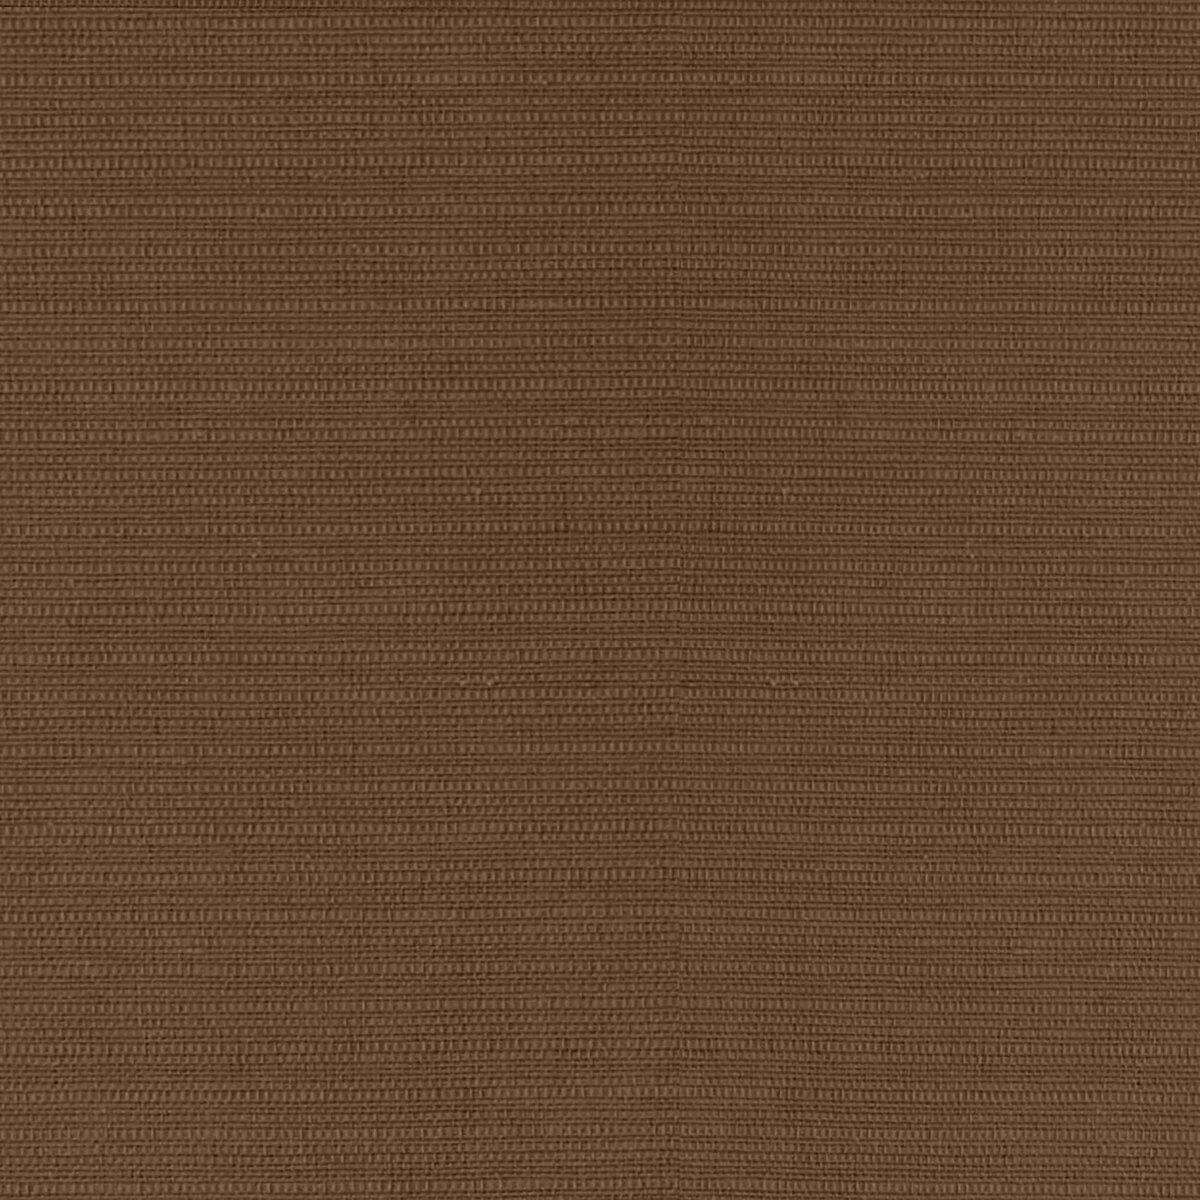 Bild 5 von Deckchair-Auflage   Unico 190 x 50 cm